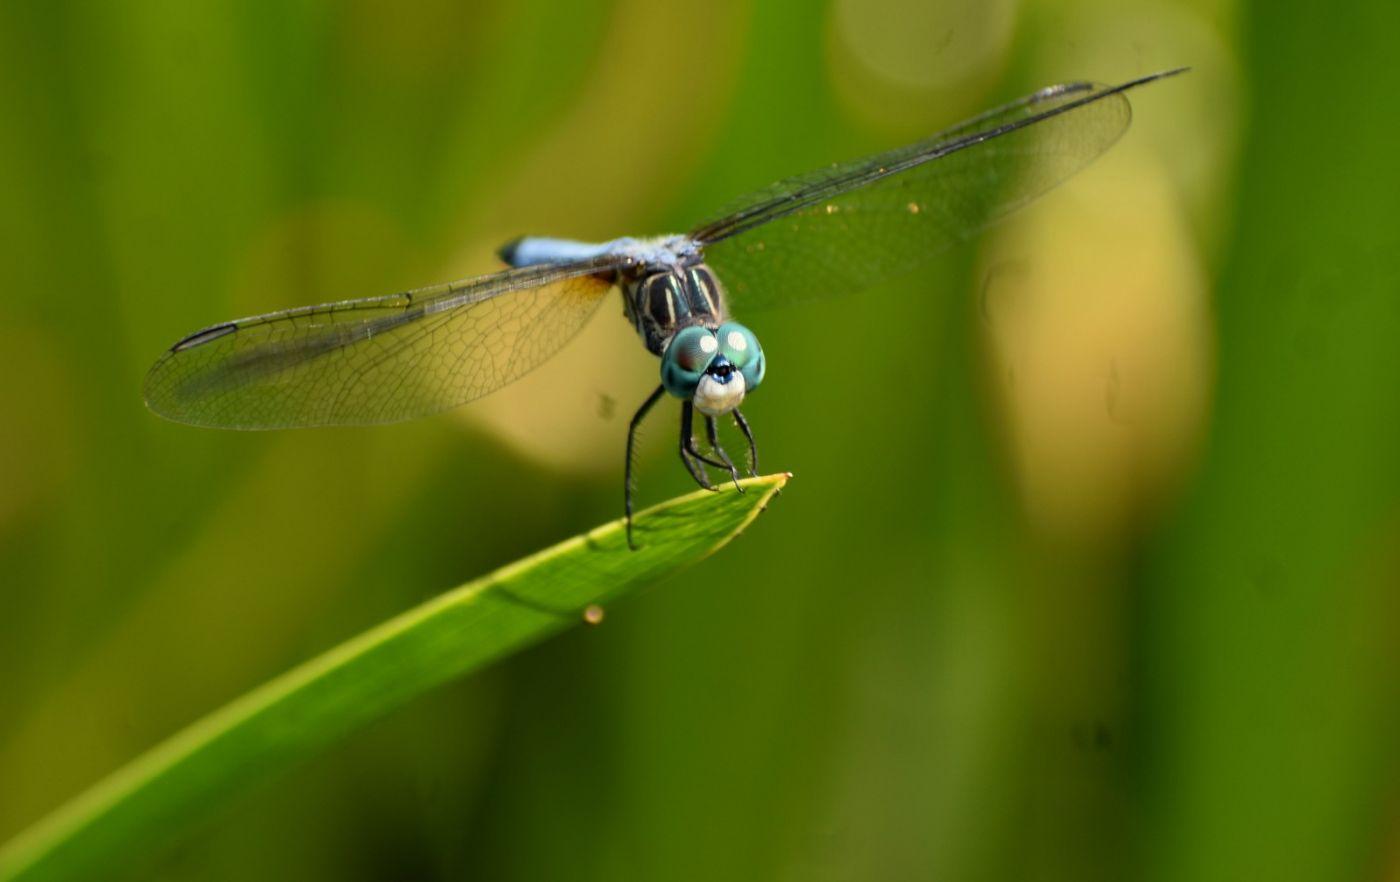 轻盈秀丽的蜻蜓_图1-13